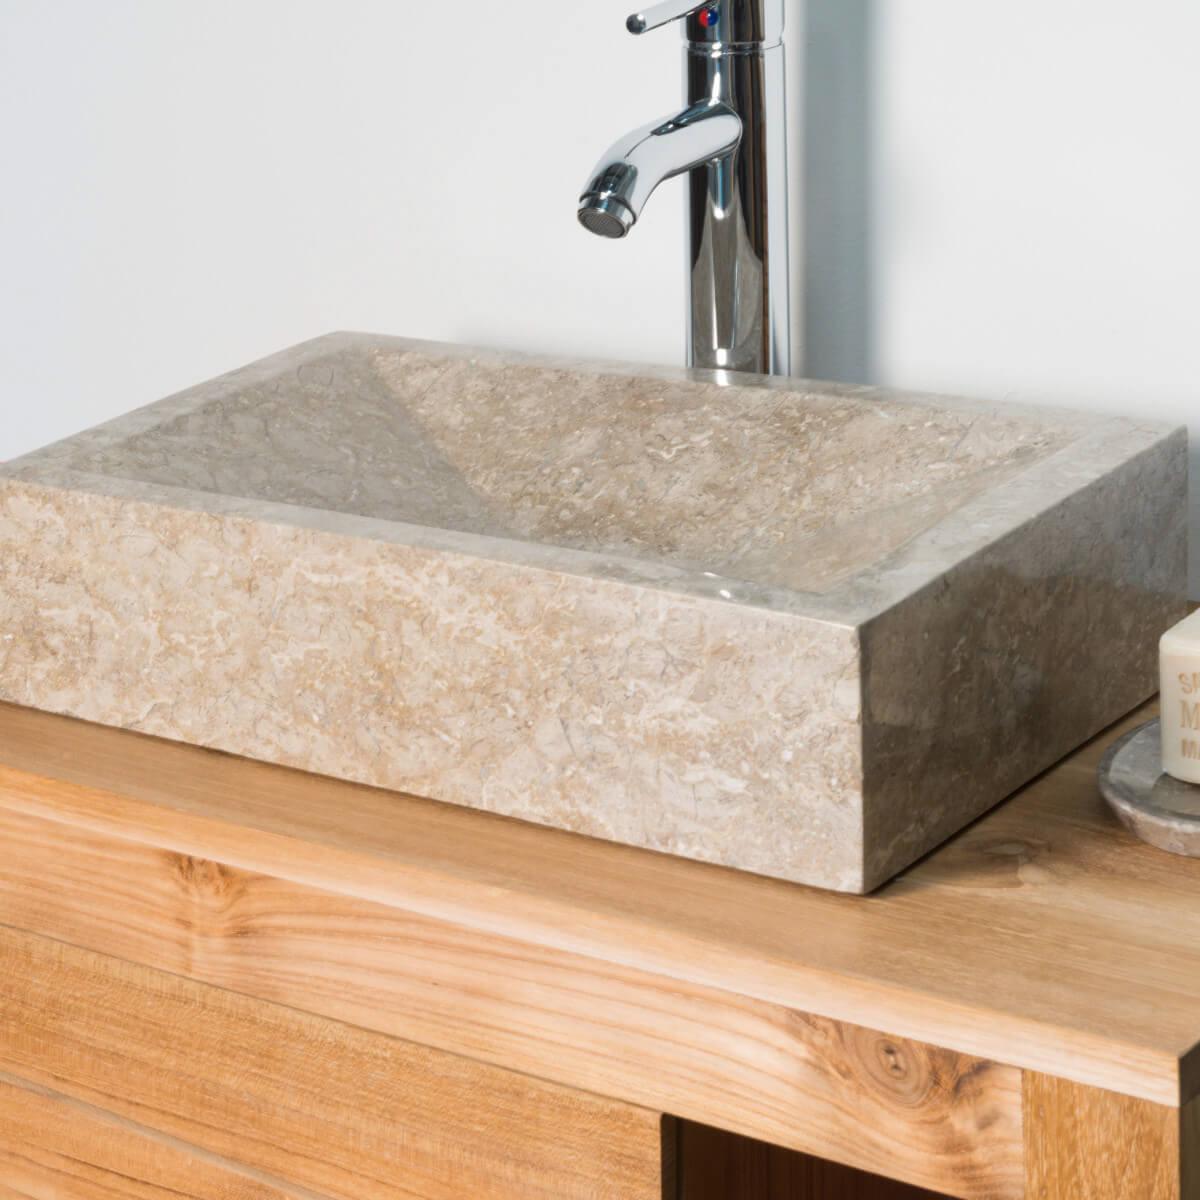 Vasque poser en marbre alexandrie rectangle grise for Salle de bain taupe et gris